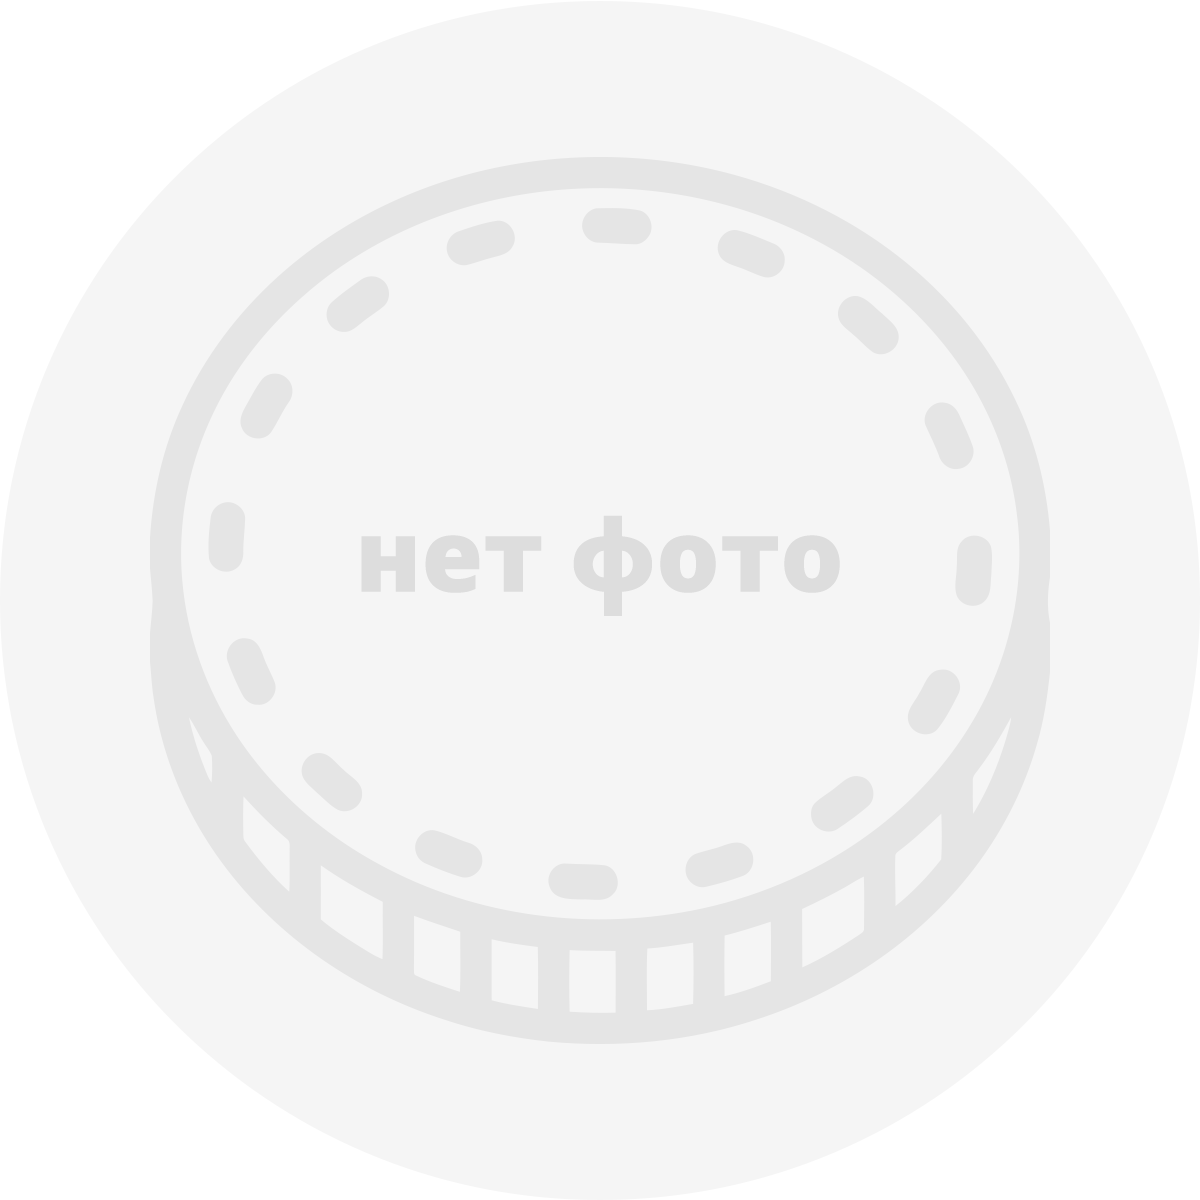 Индейское племя Оглала-Сиу, Набор монет (2014 г.)